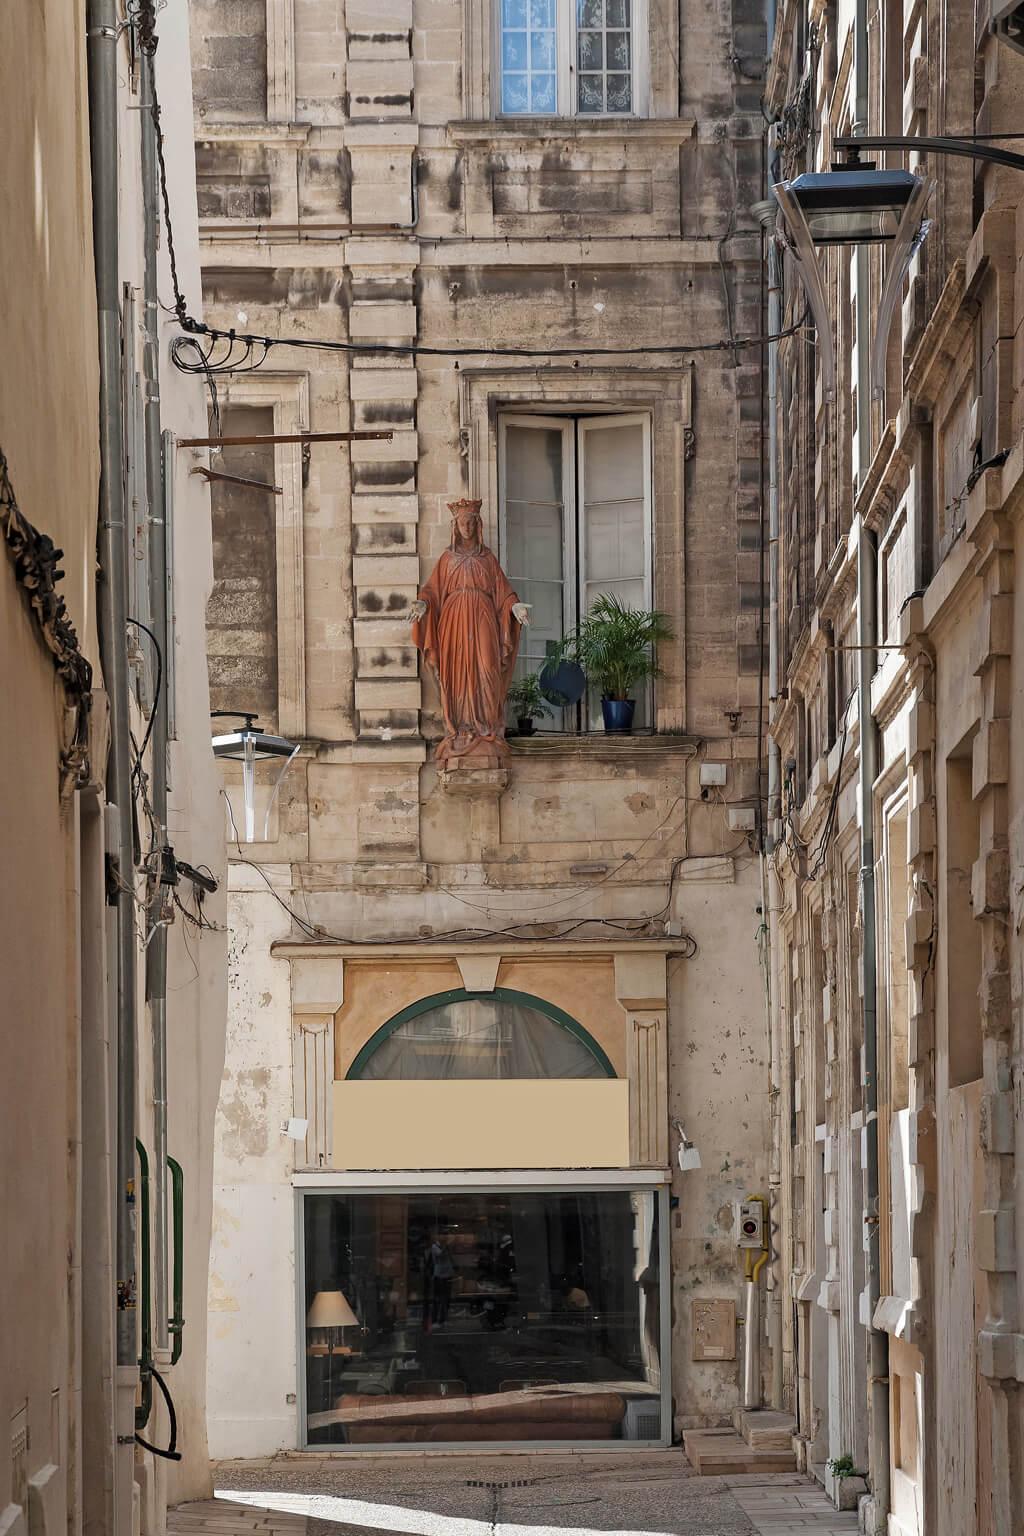 Medieval city center - Avignon, France. Photo: Haven In.